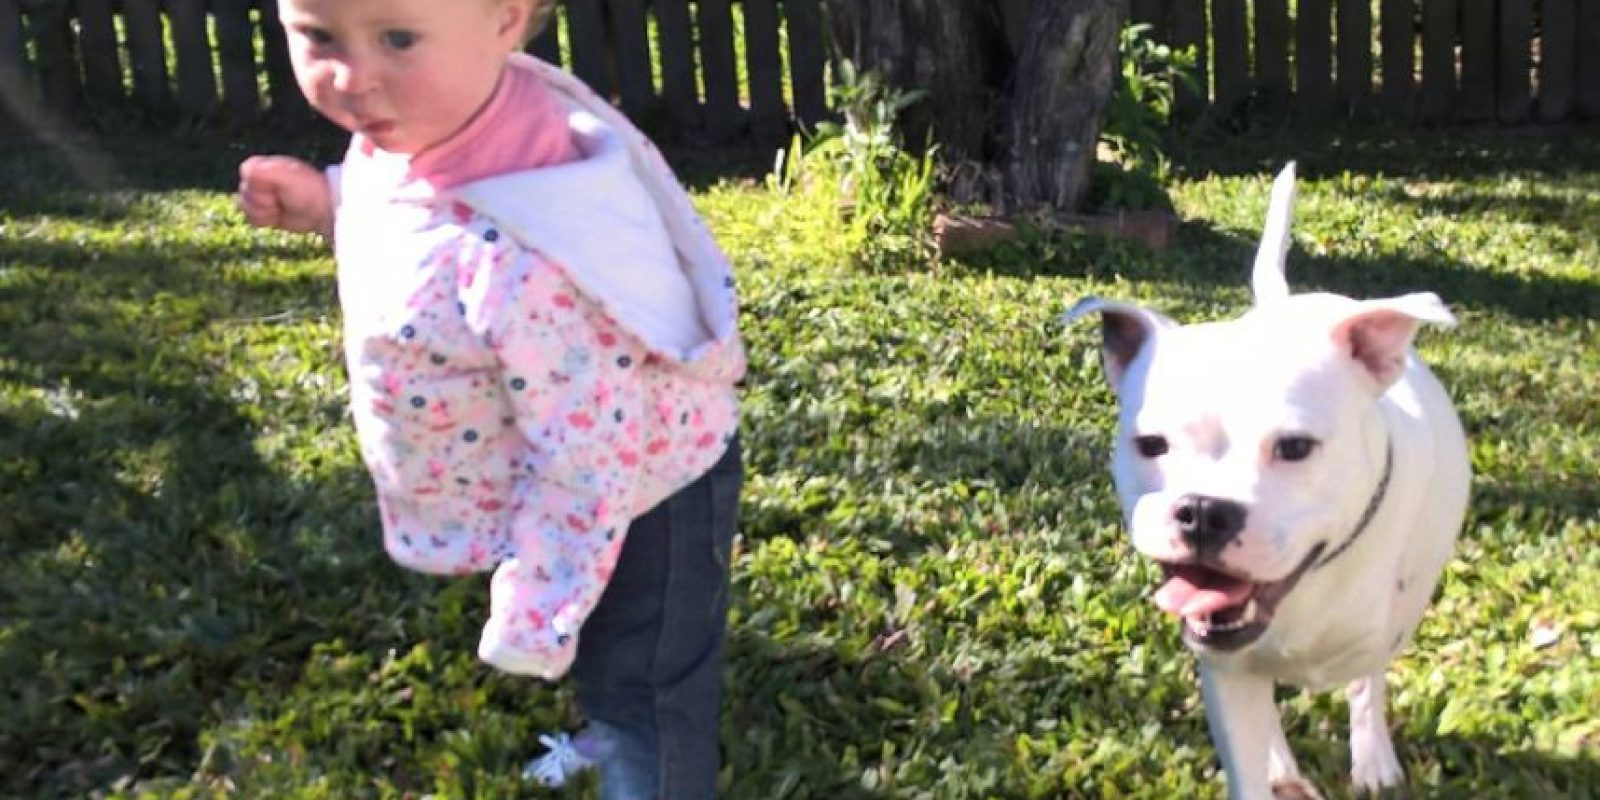 La madre de Ella lo adoptó porque vio que era perfecto para su niña. Foto:vía Facebook/The Escapades of Ella and Snowy